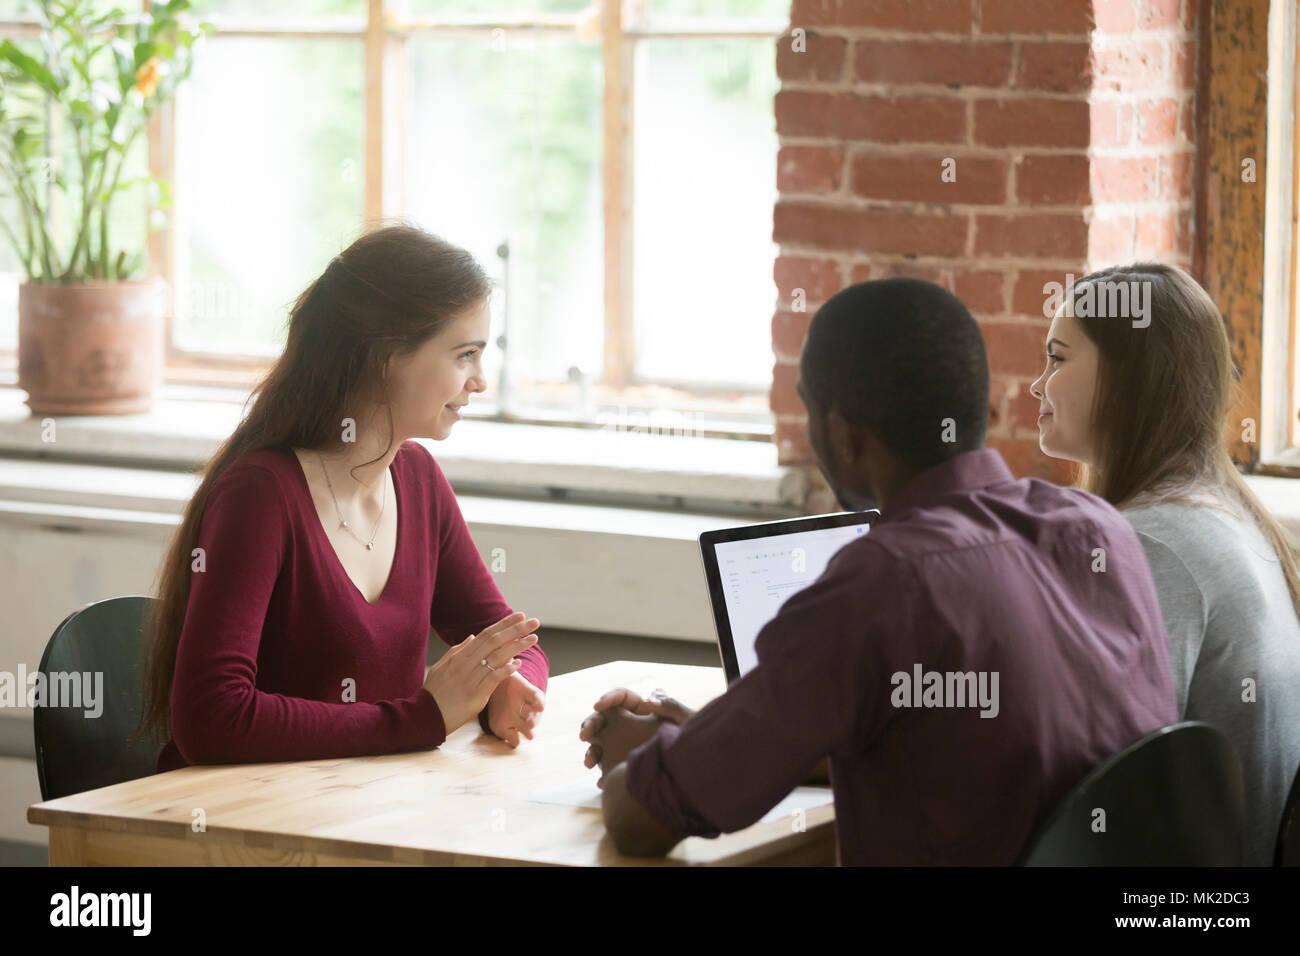 Candidati di sesso femminile aventi intervista in ufficio moderno Immagini Stock